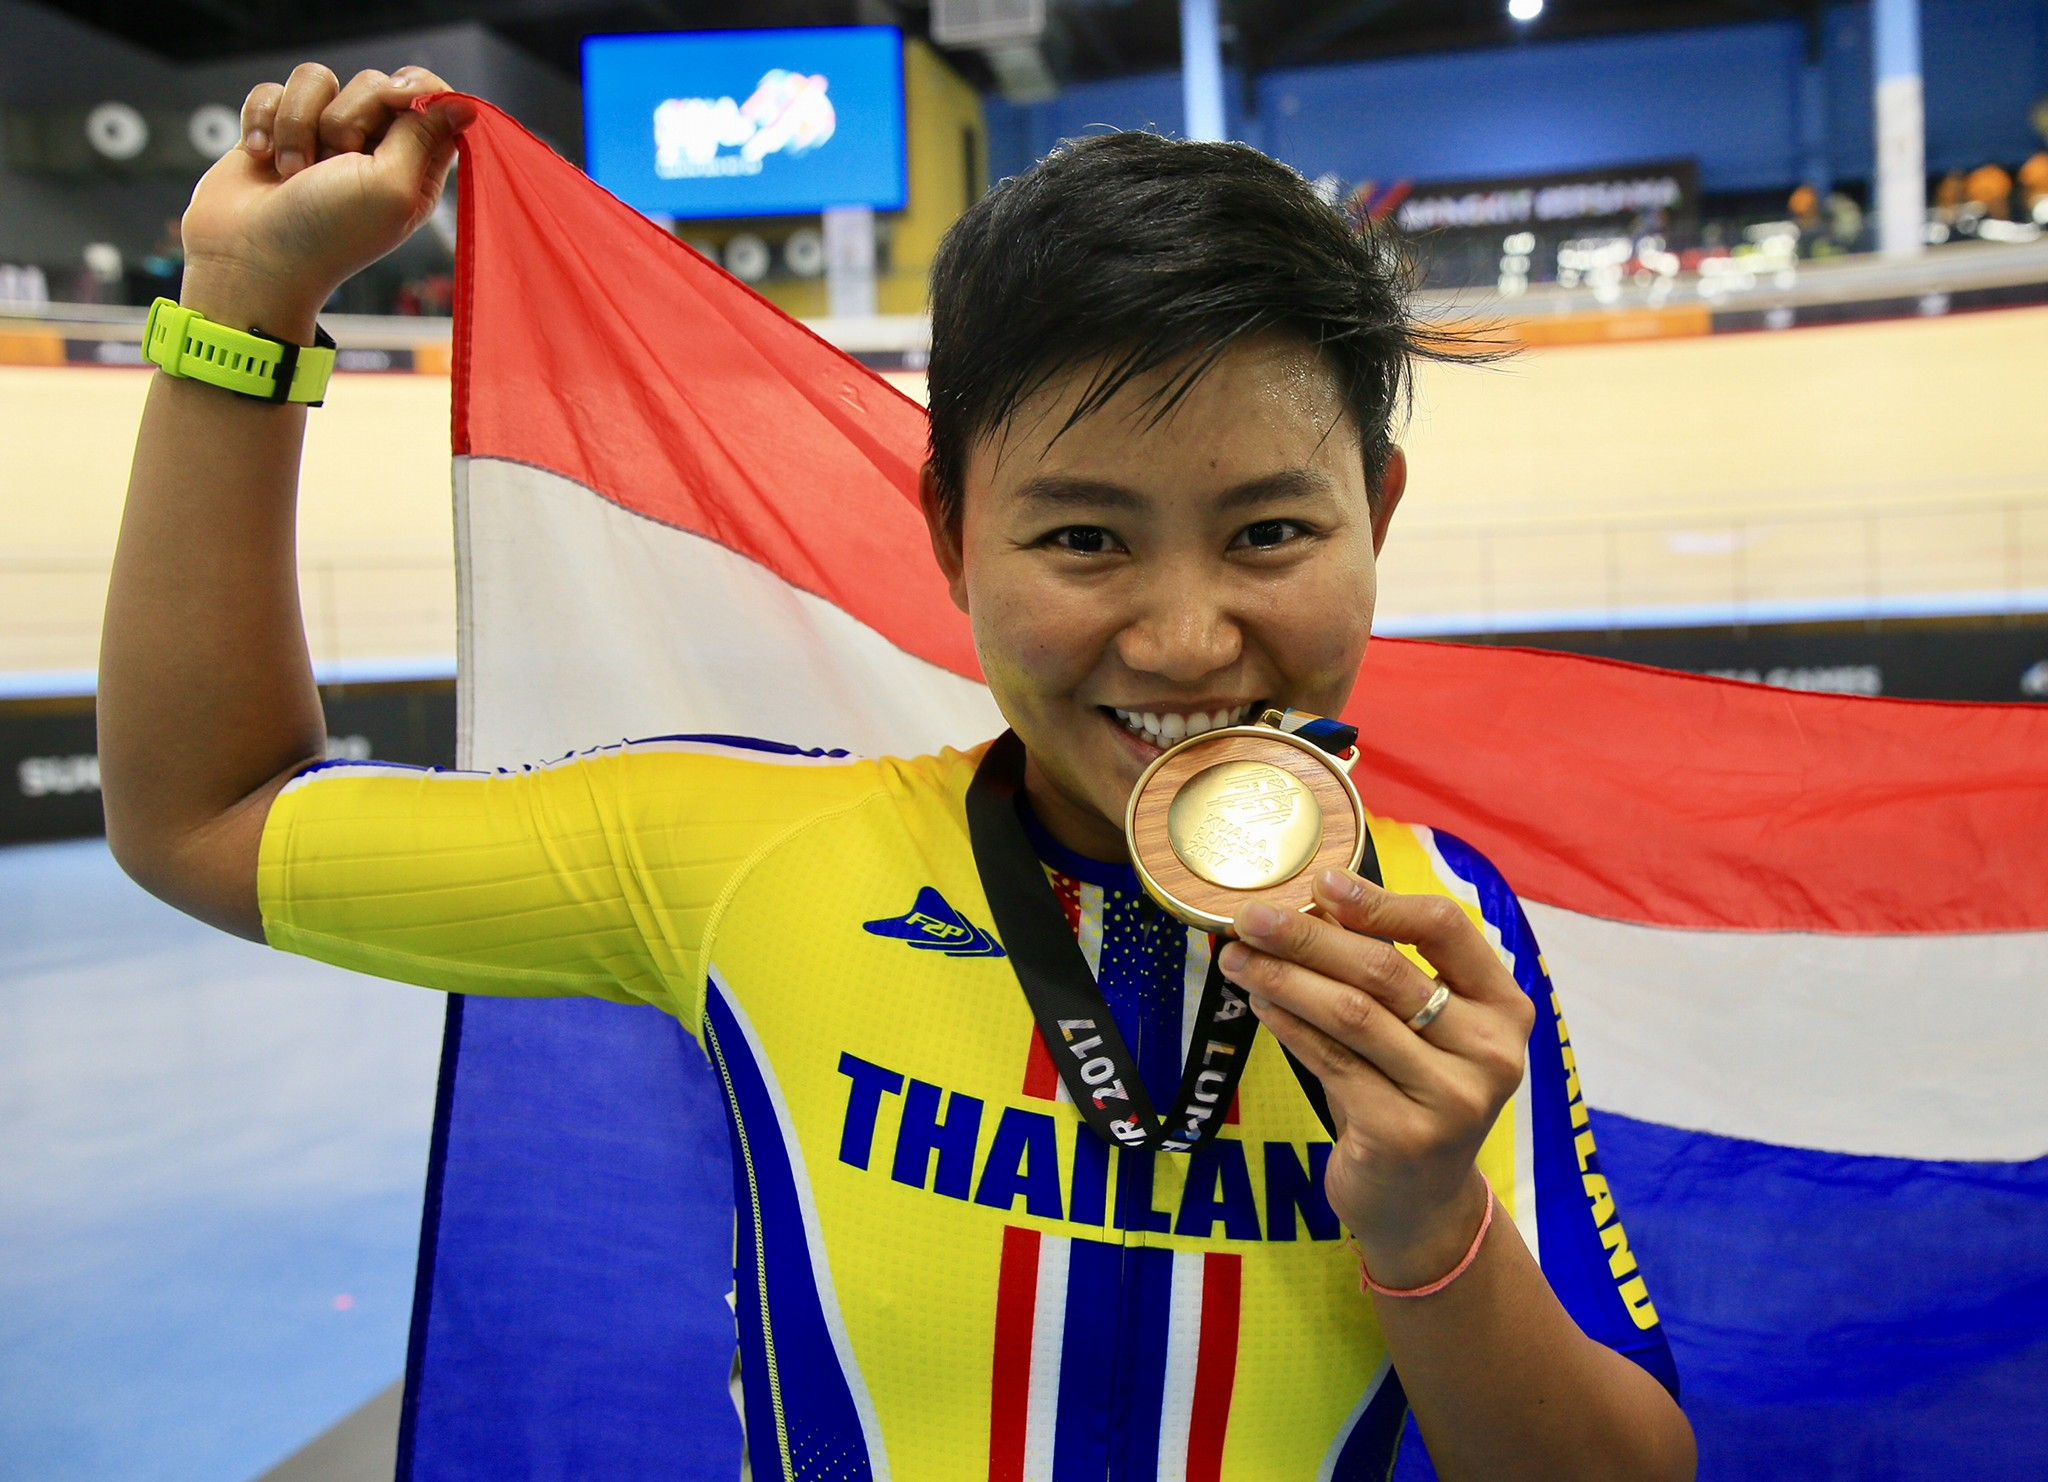 จุฑาธิป จุฑาธิป ประเดิมคว้าแชมป์ไทม์ไทรอัล สองล้อประเภทลู่ ชิงแชมป์ประเทศไทย